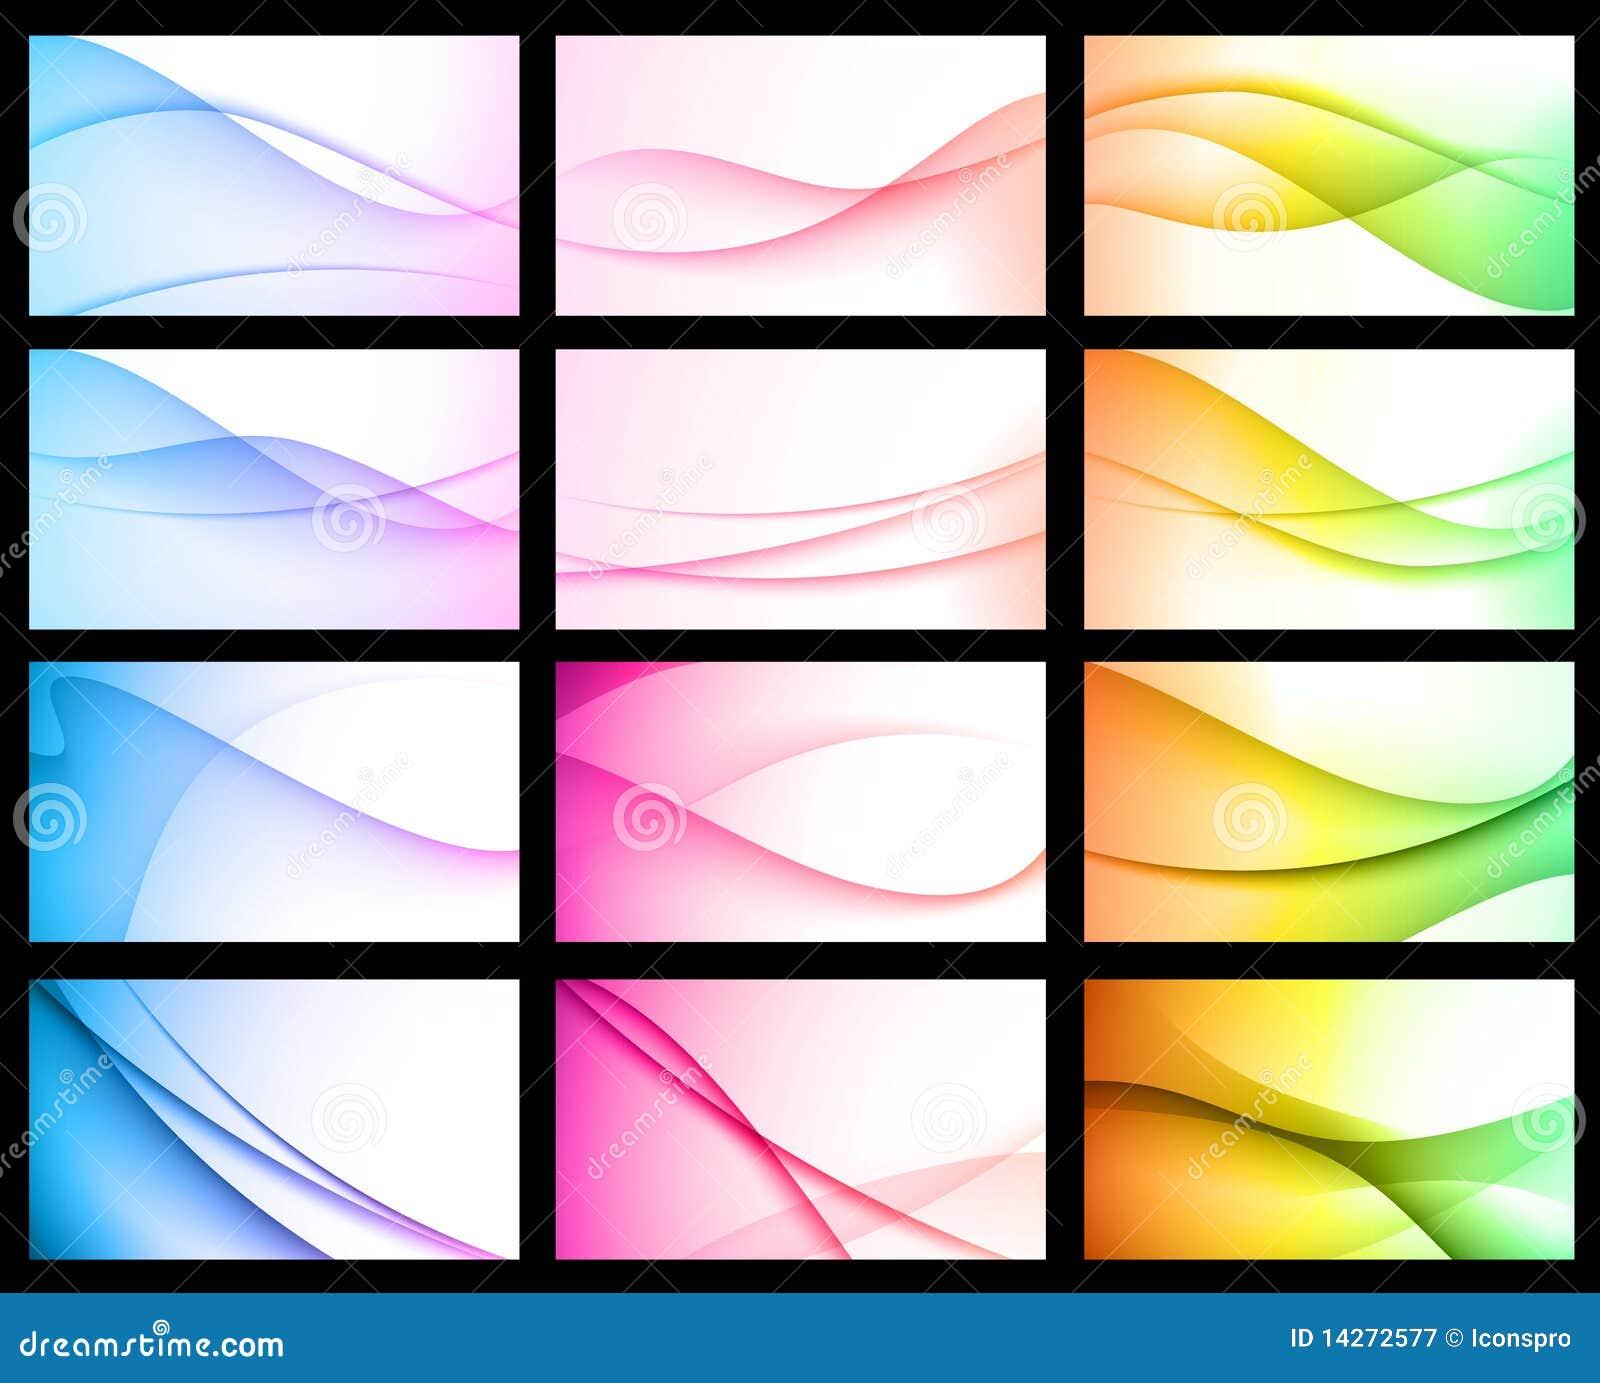 De kleurrijke Abstracte BloemenAchtergrond van de Golf